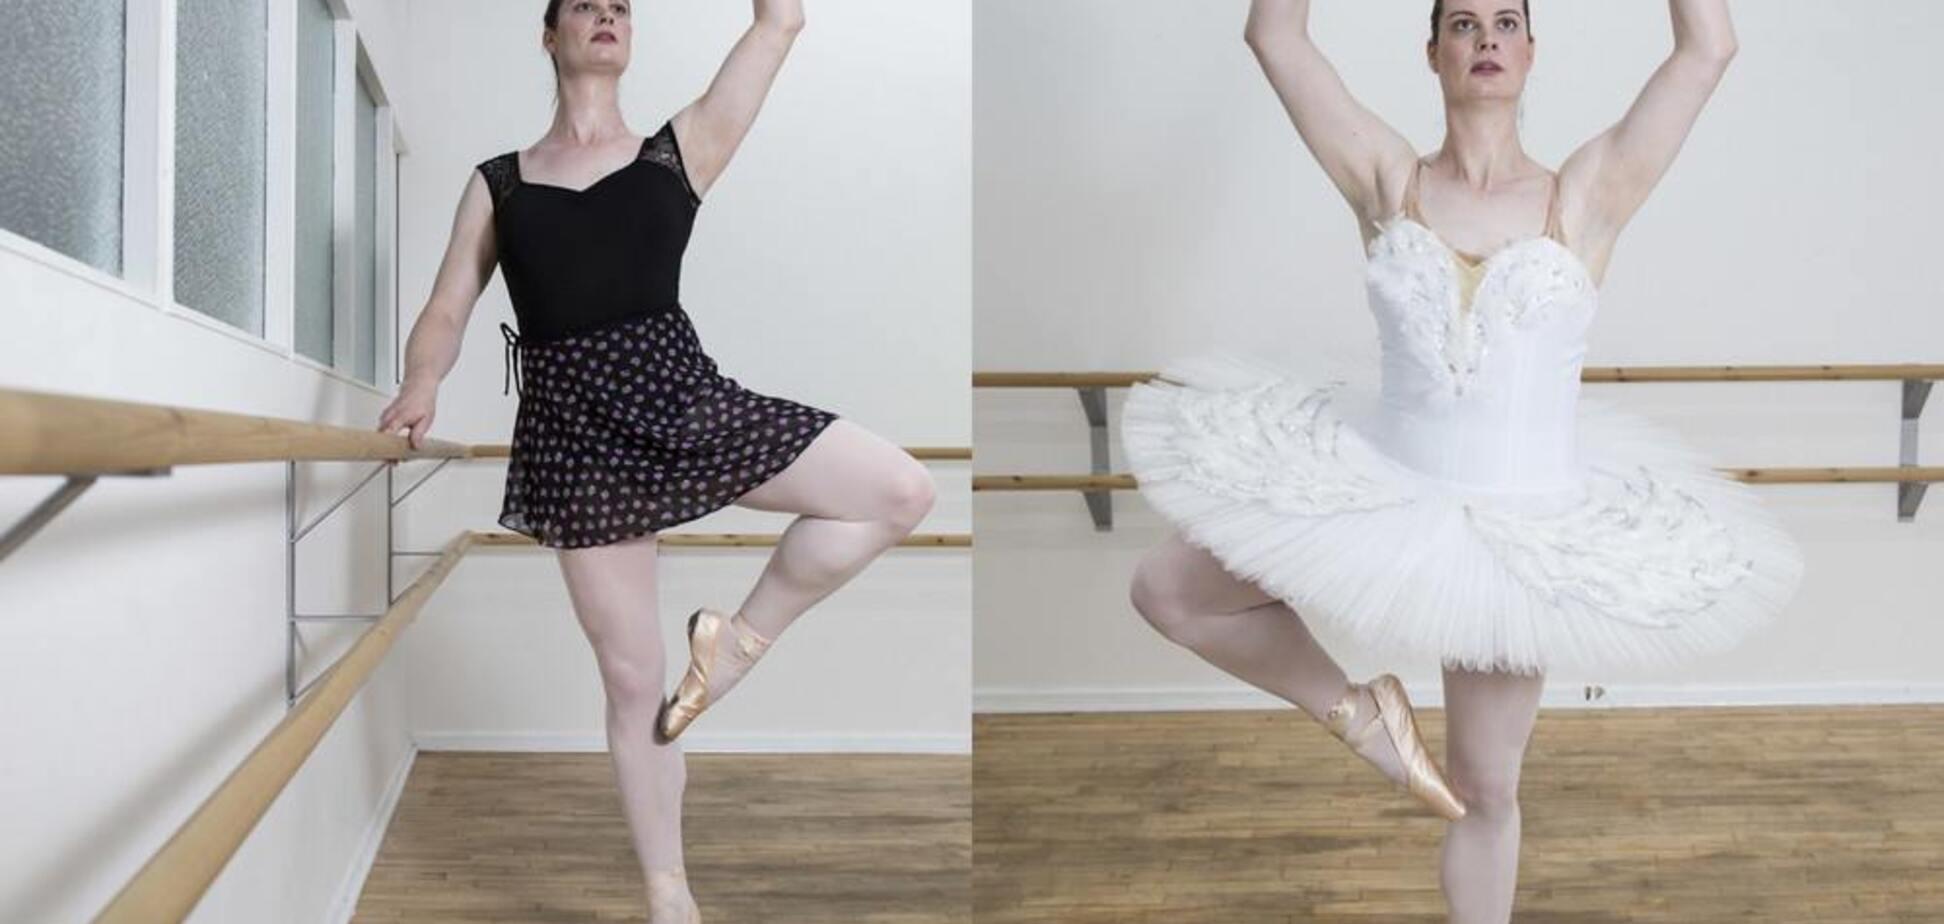 Відомий автогонщик психанув, змінив стать і став балериною